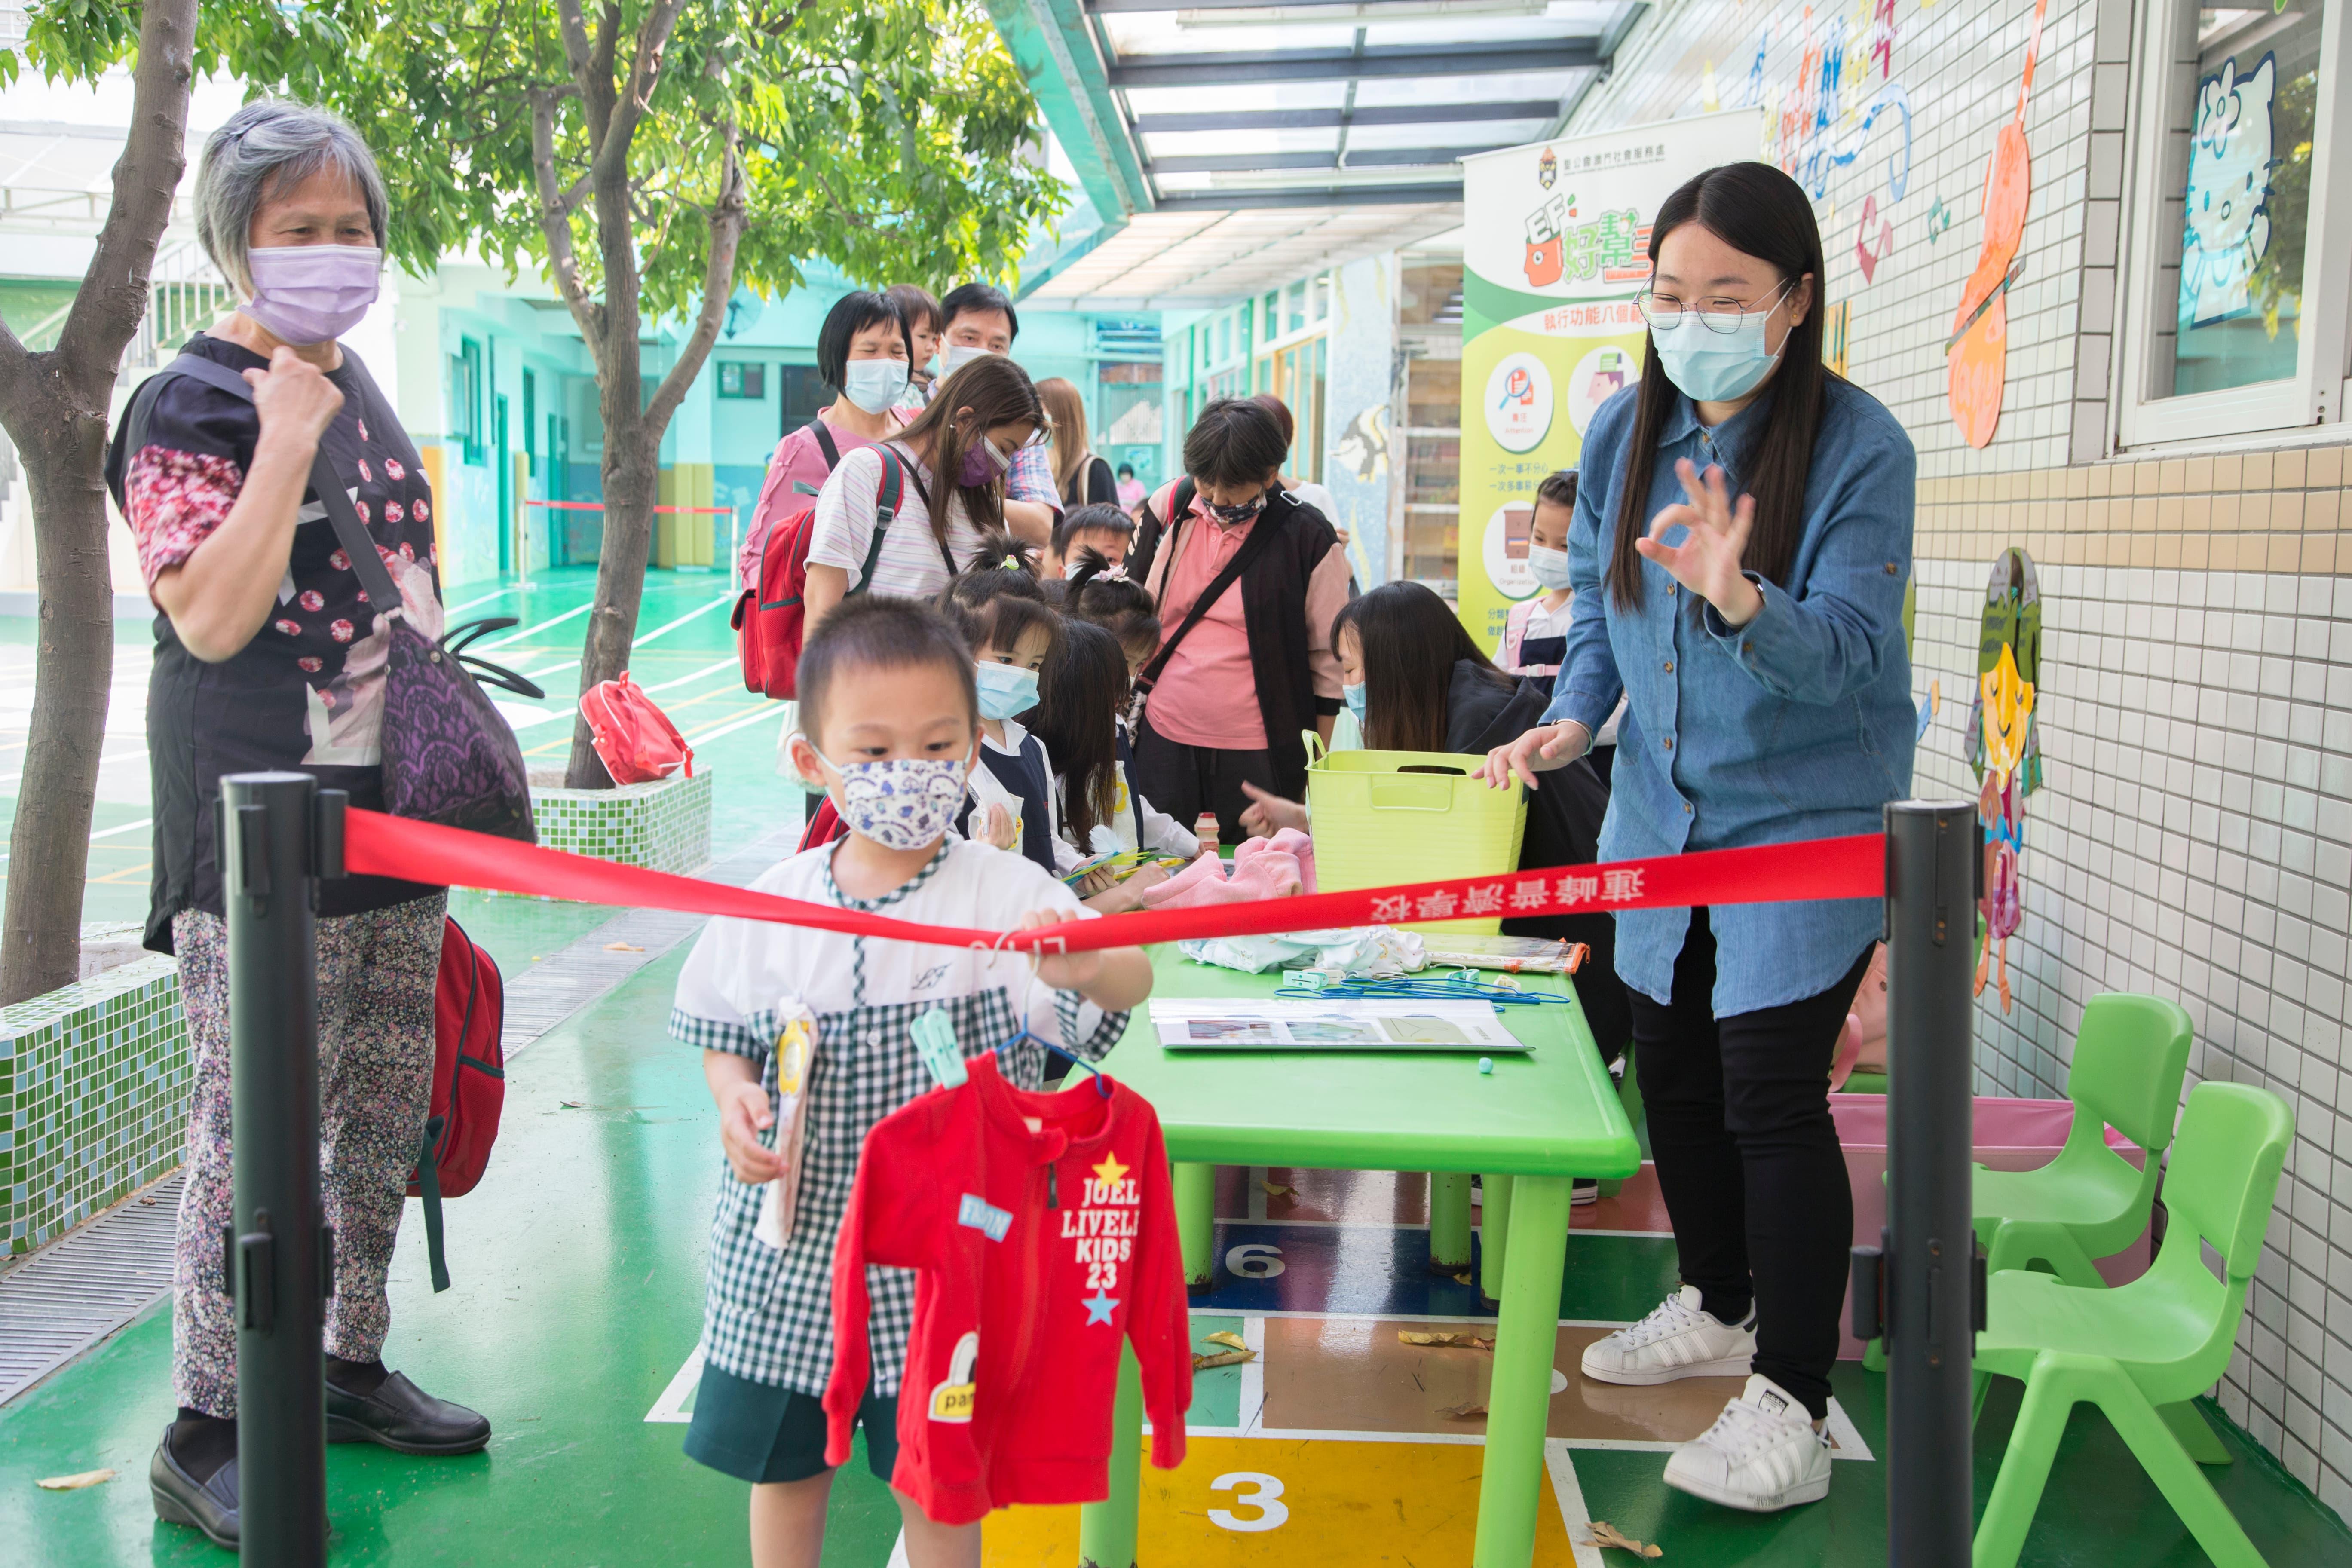 「學校輔導服務」- 「EF好幫手」執行功能-家長講座及攤位活動